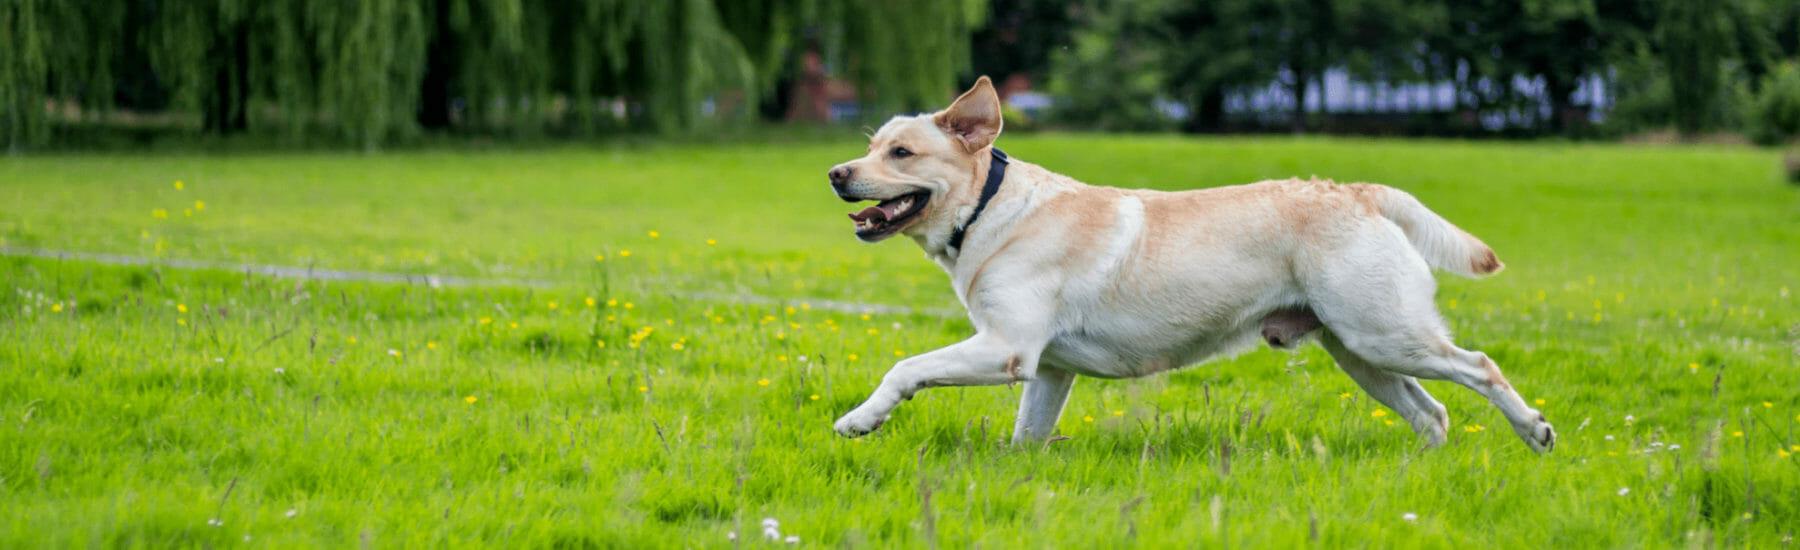 Large golden dog running through the grass